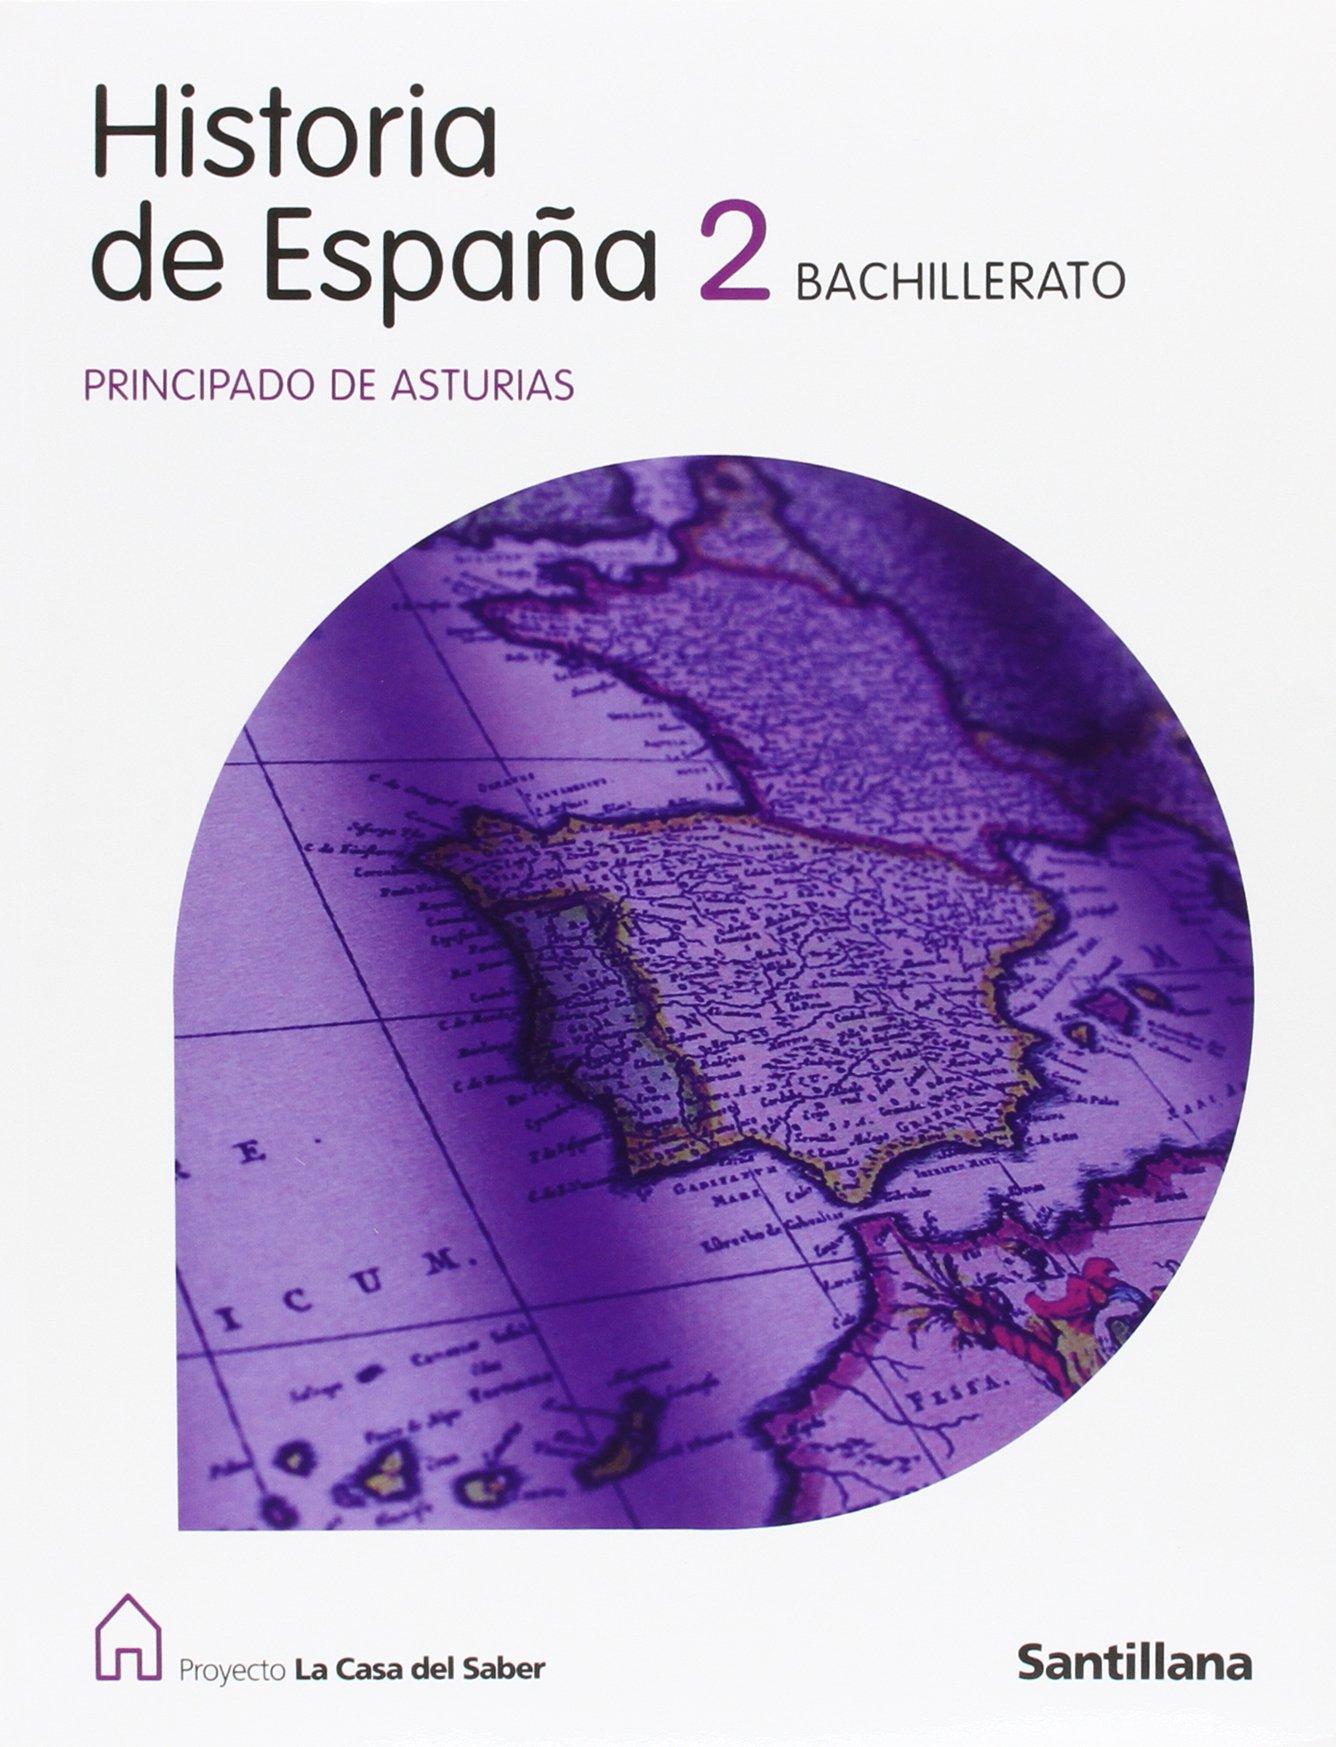 Historia de España Asturias 2 Bachillerato La Casa Del Saber - 9788429494617: Amazon.es: Aa.Vv.: Libros